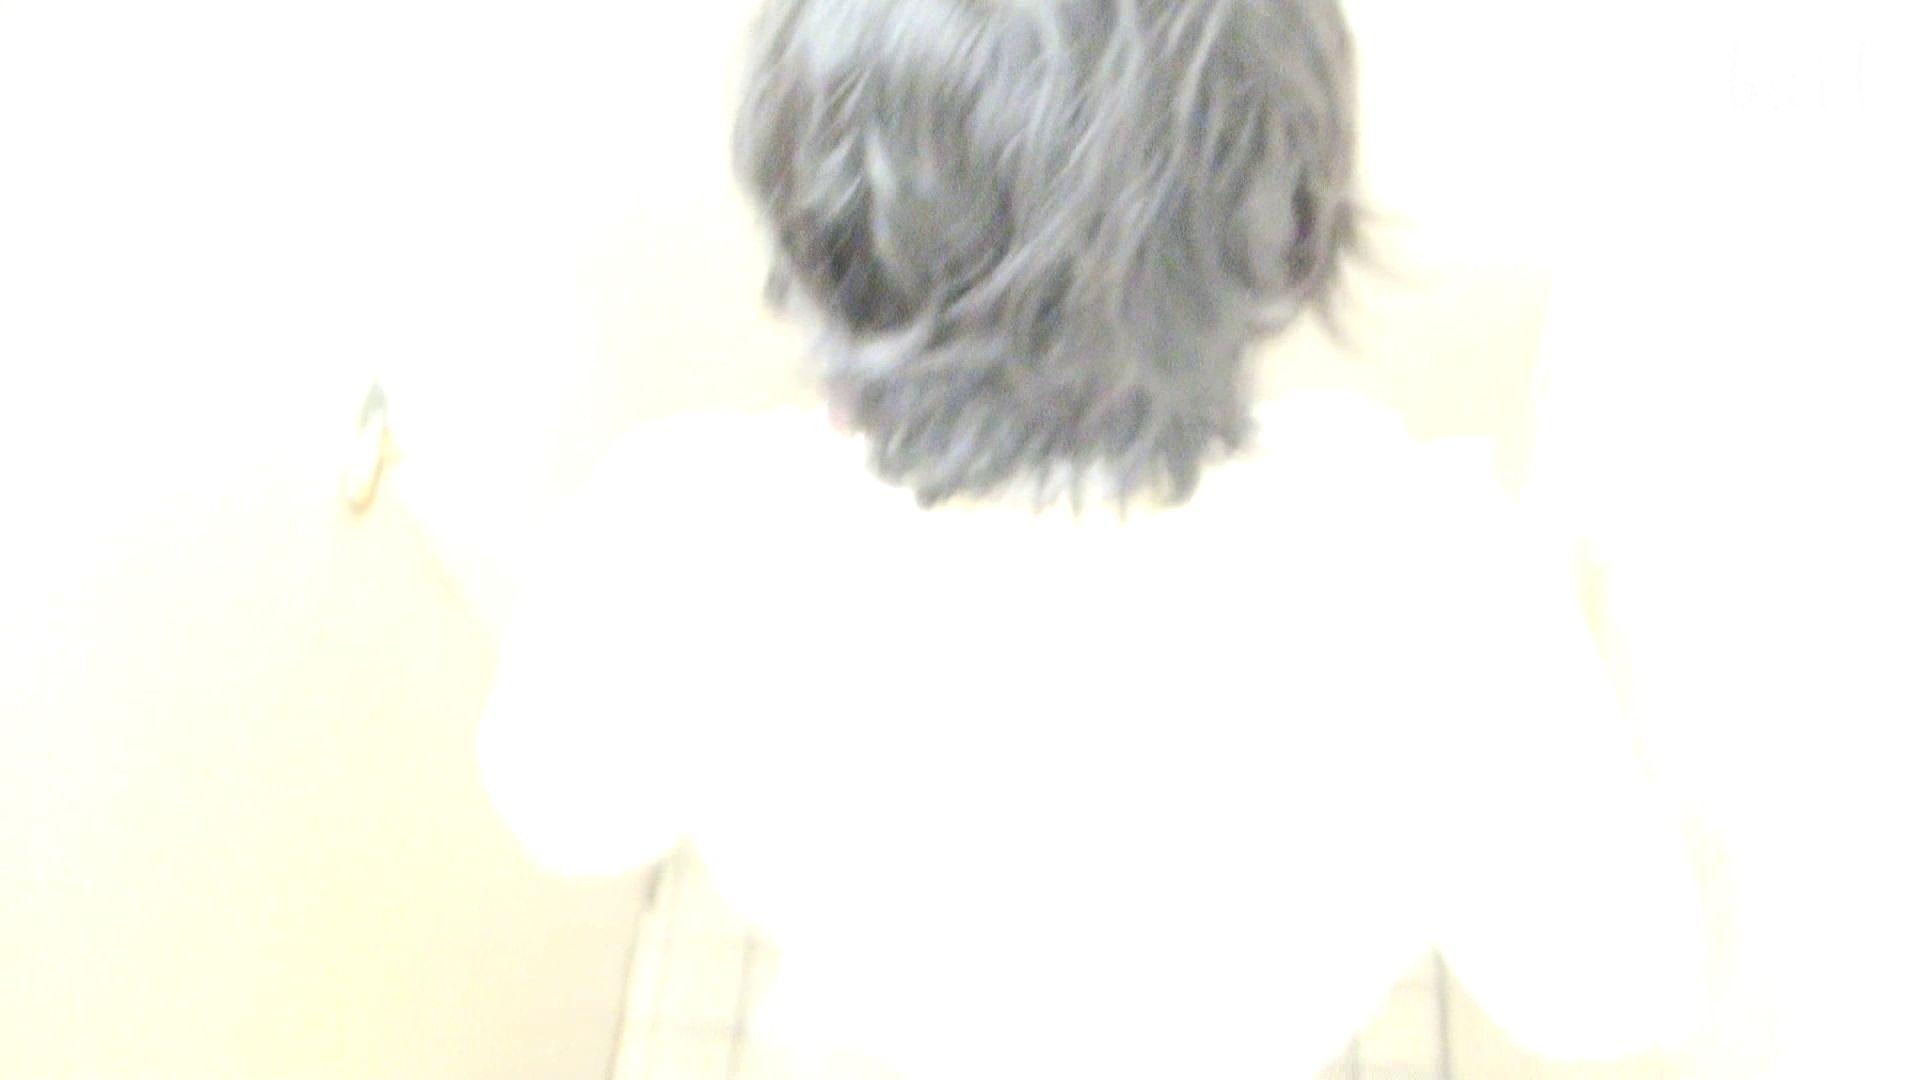 ナースのお小水 vol.001 OLのエロ生活 性交動画流出 93連発 65